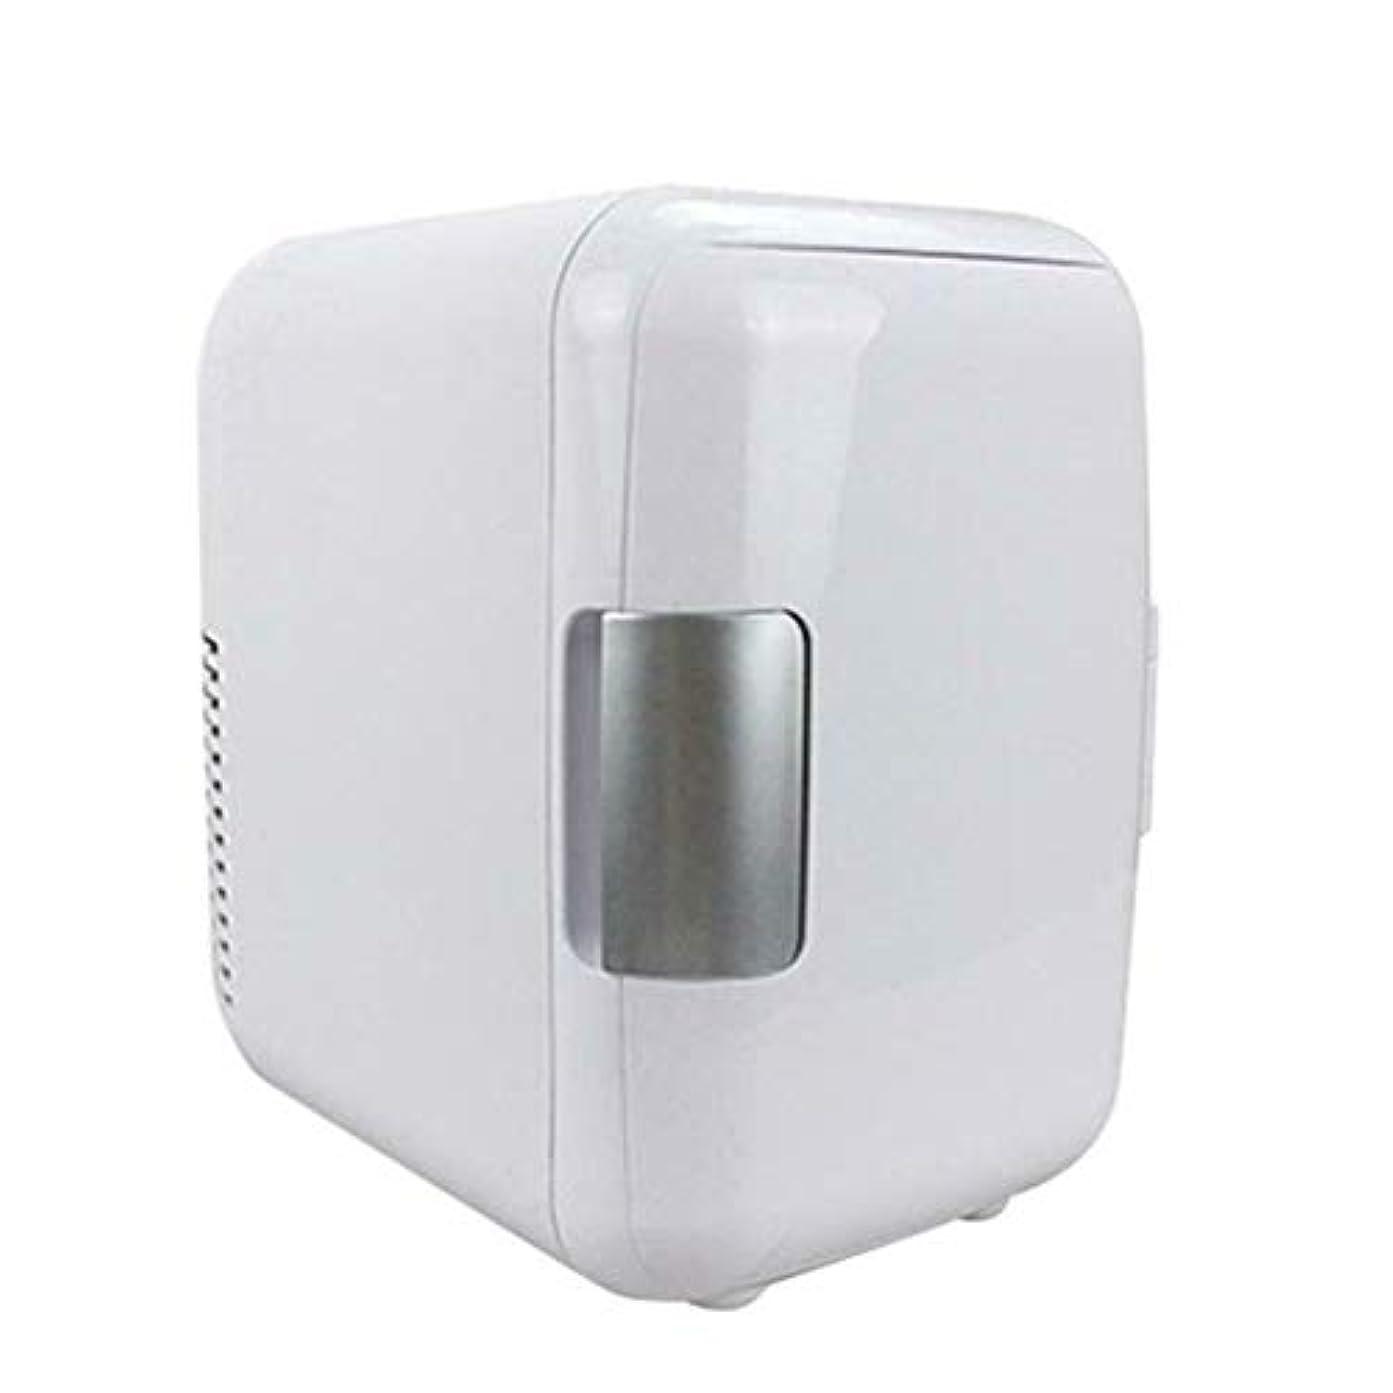 送料やさしくキャビンXiaoNUO 4Lミニポータブルカー冷蔵庫12V / 220V 50W車利用静かな低騒音を冷凍庫ウォーマー暖房冷蔵庫ボックス缶ビールクーラーの冷却します (Color Name : White)